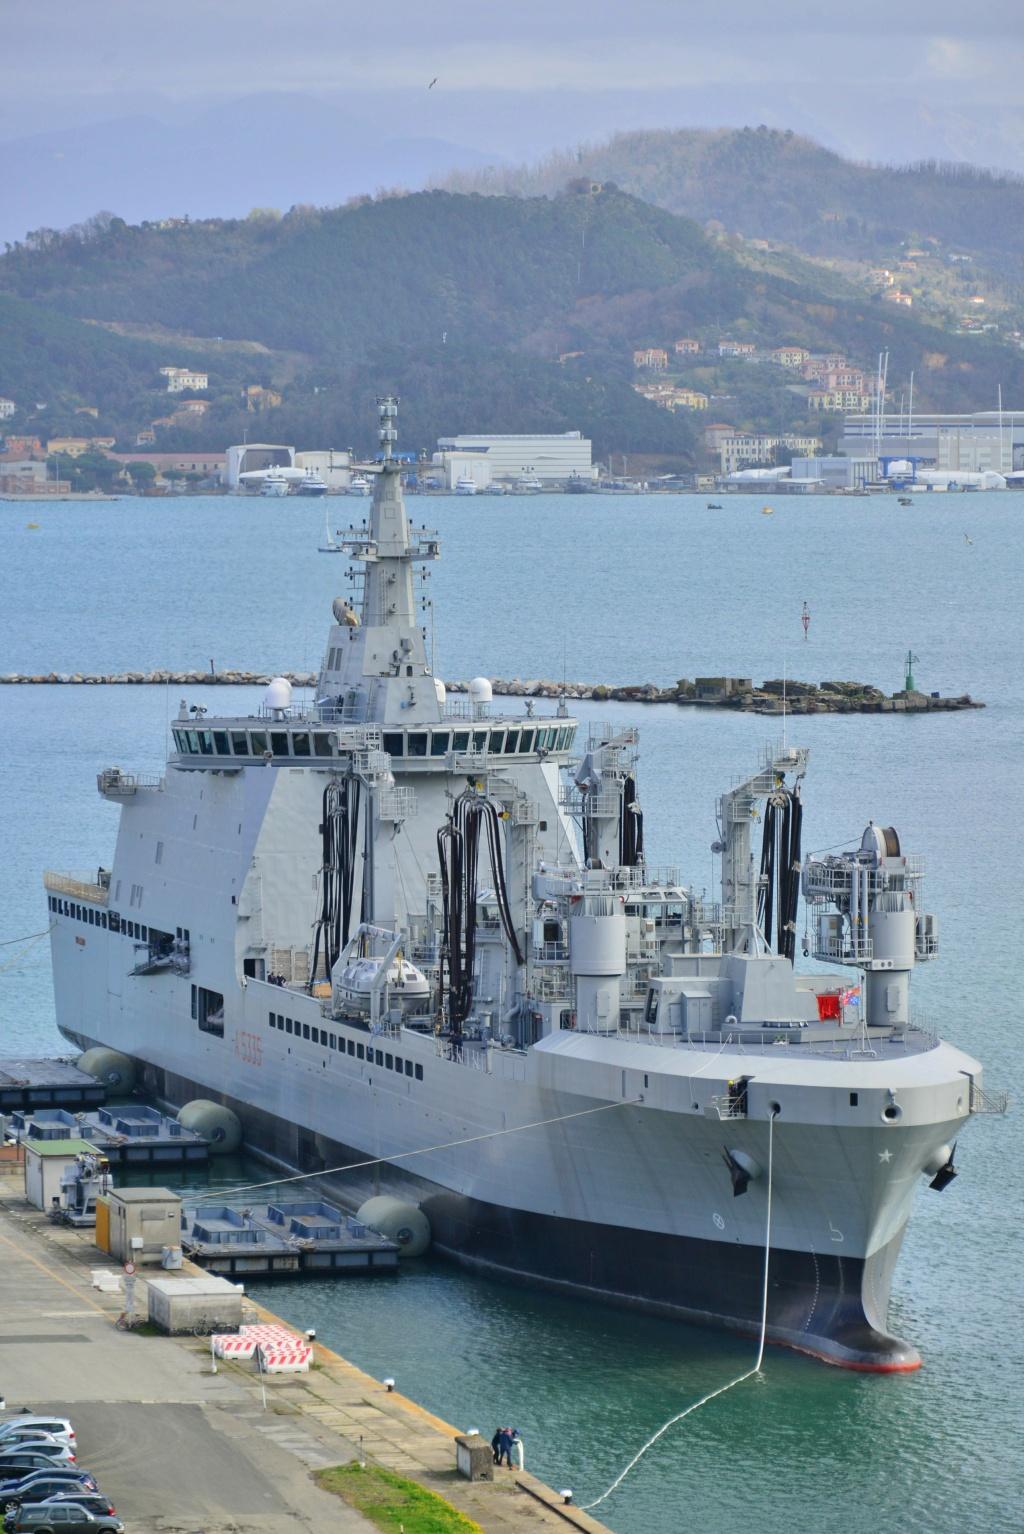 Bâtiment de soutien logistique classe Vulcano Vulcan11